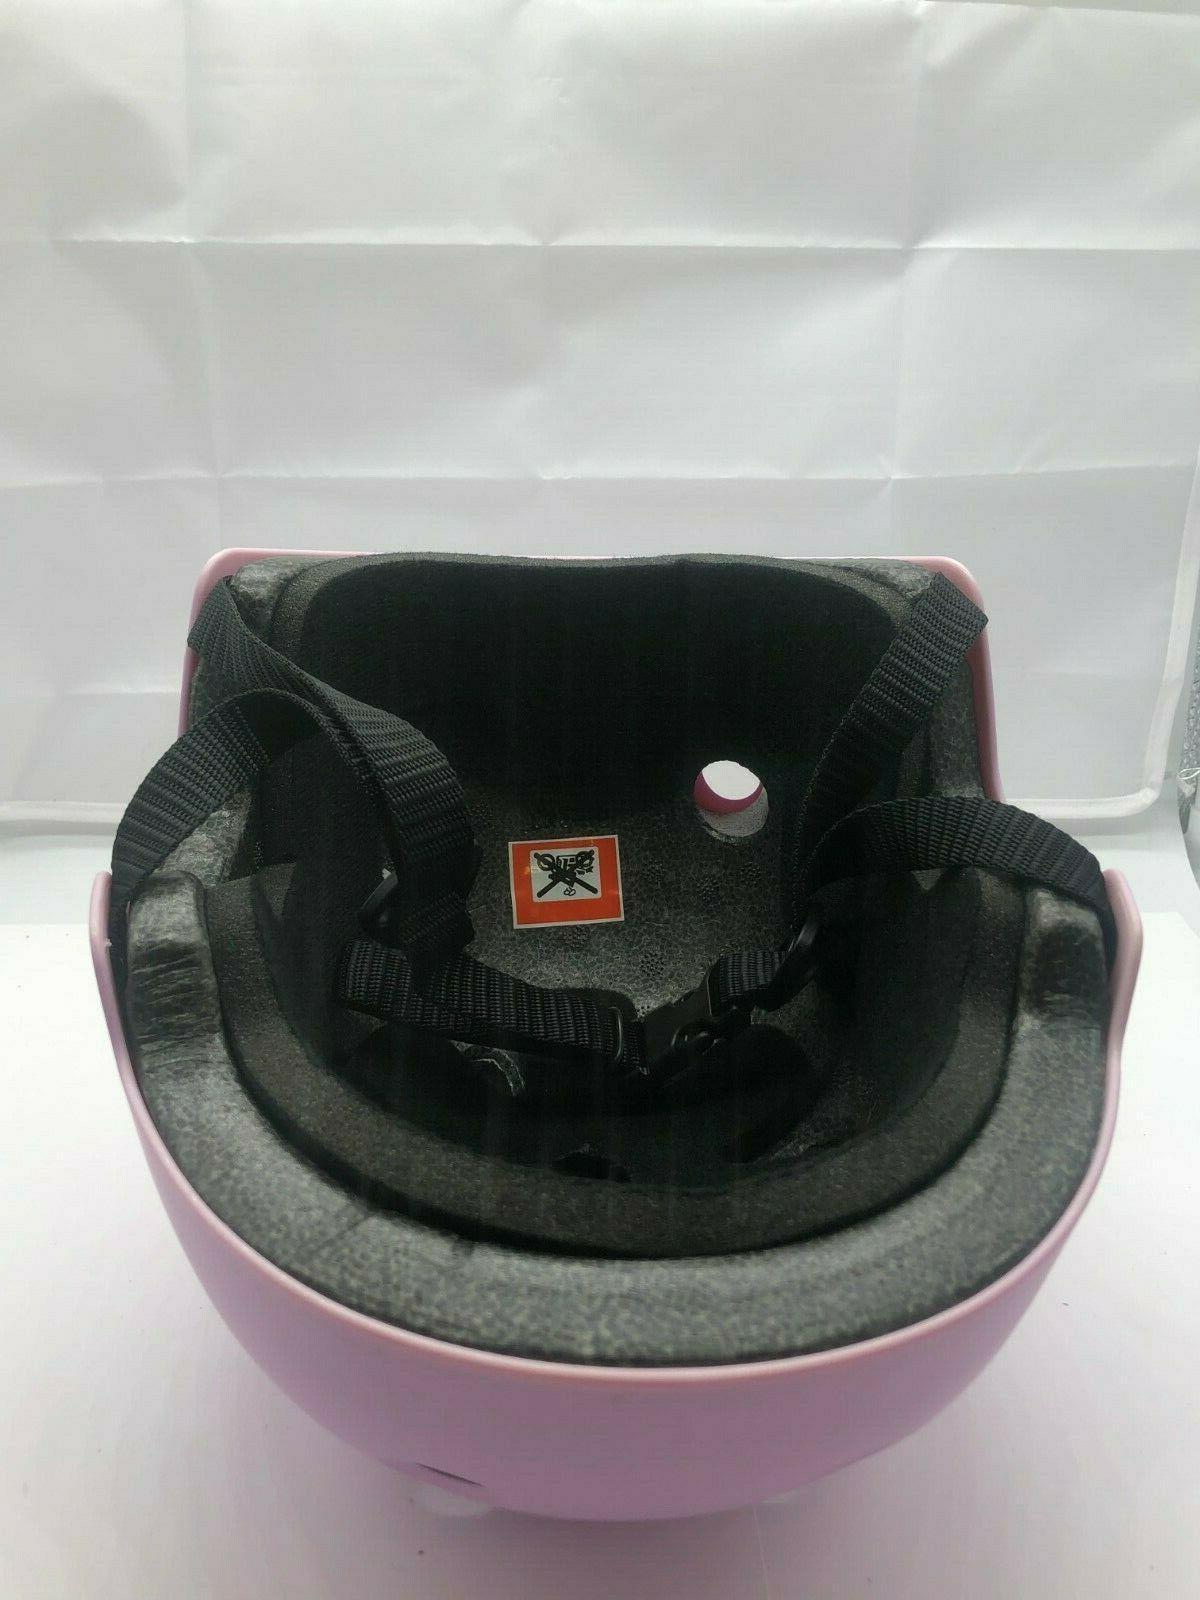 Retrospec Commuter Bike/Skate/Multi-Sport Helmet